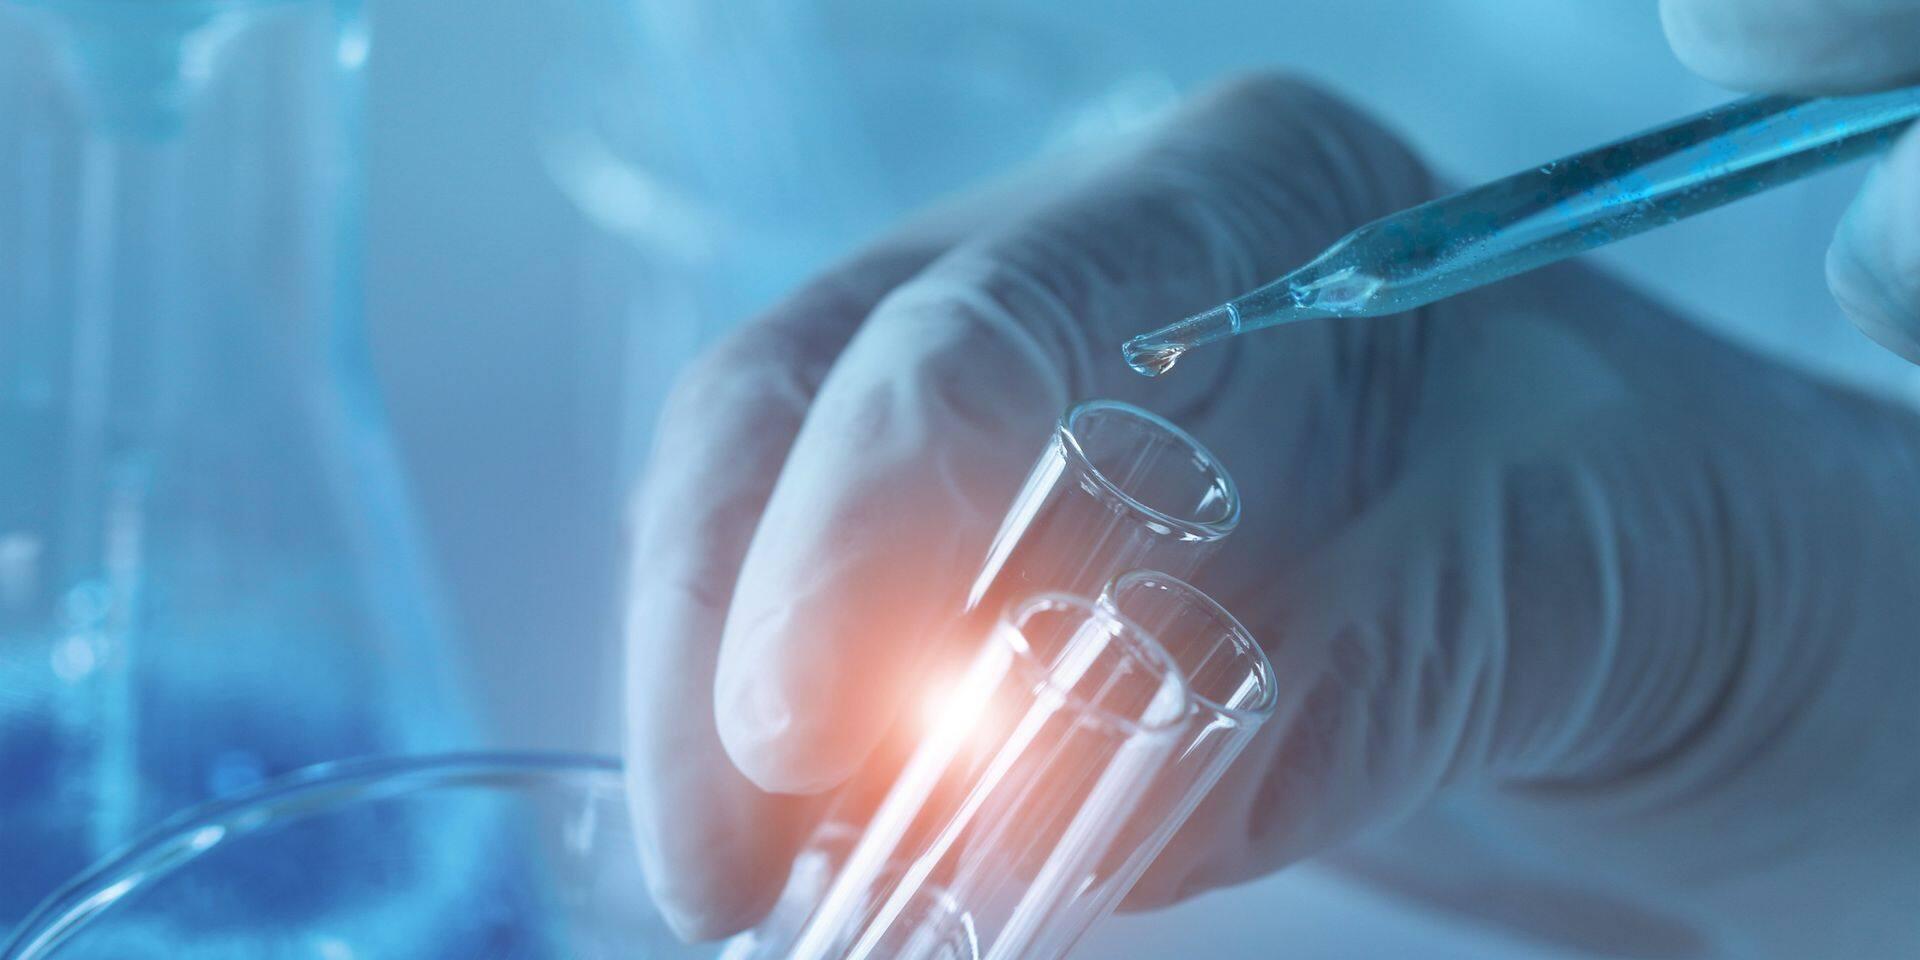 Accord des actionnaires de la biotech Valneva pour une introduction à Wall Street